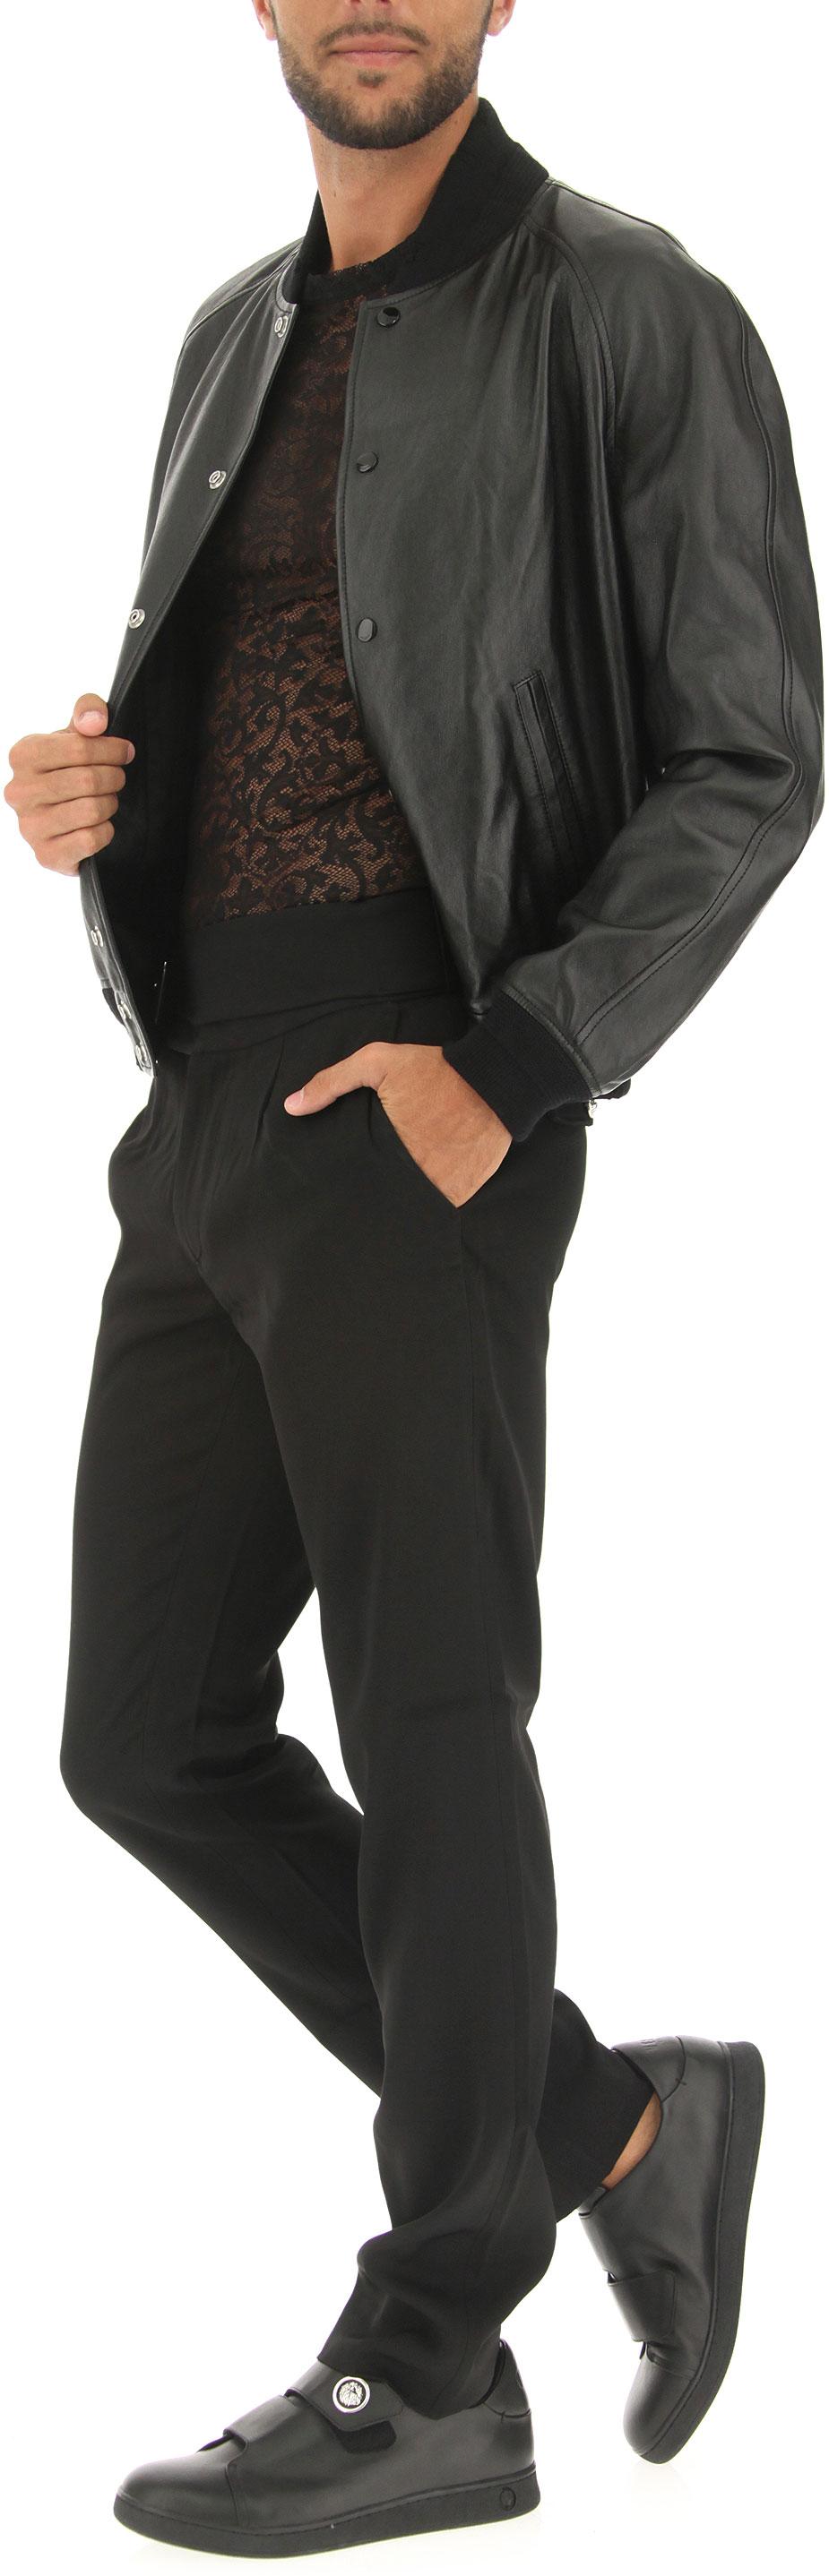 Abbigliamento Uomo Versace, Codice Articolo: auu10009-an00192-a008